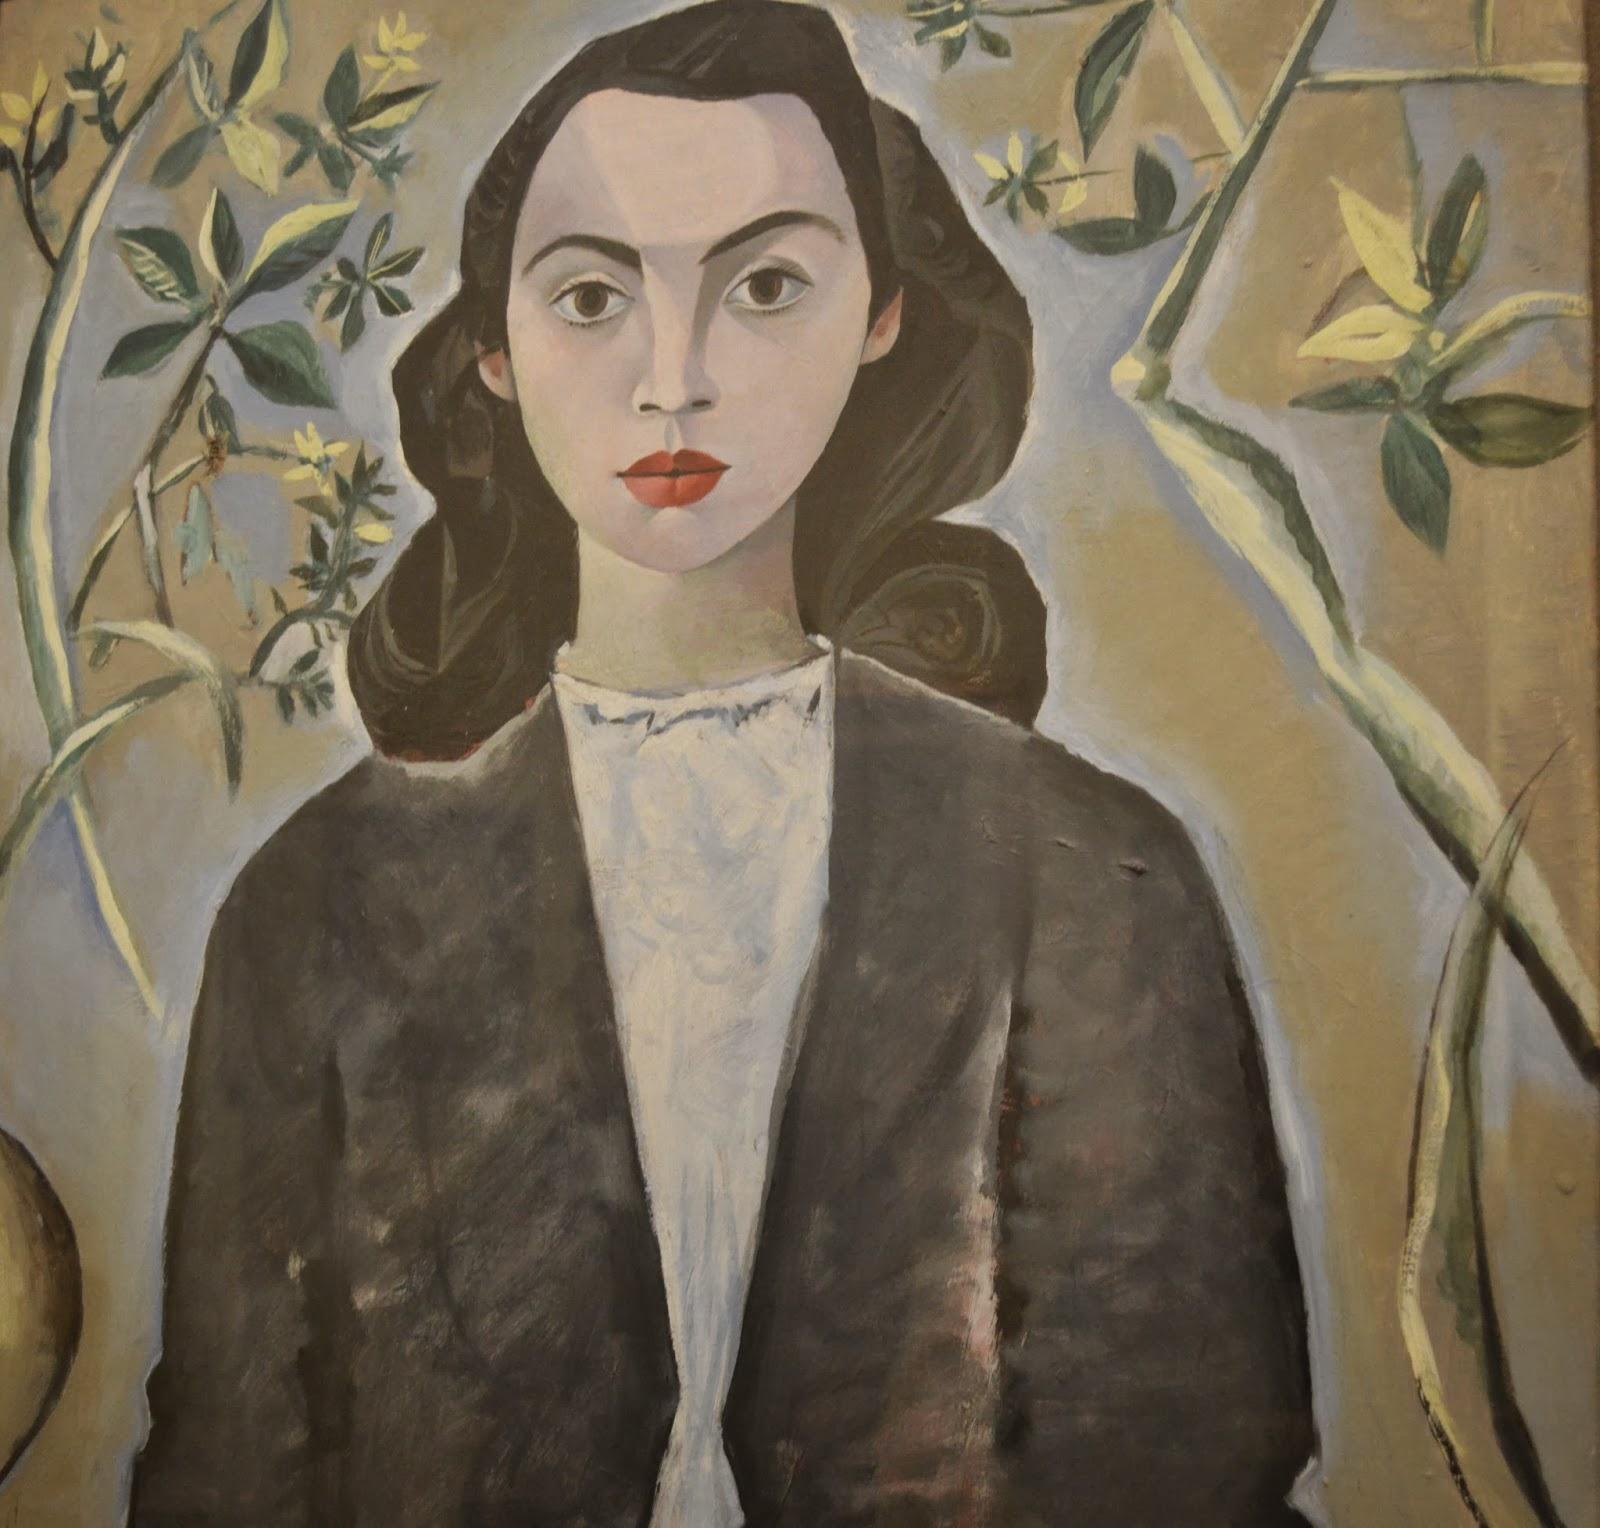 John Craxton, neo-Romantic, painting, art, Fitzwilliam museum, Cambridge, portrait , visit